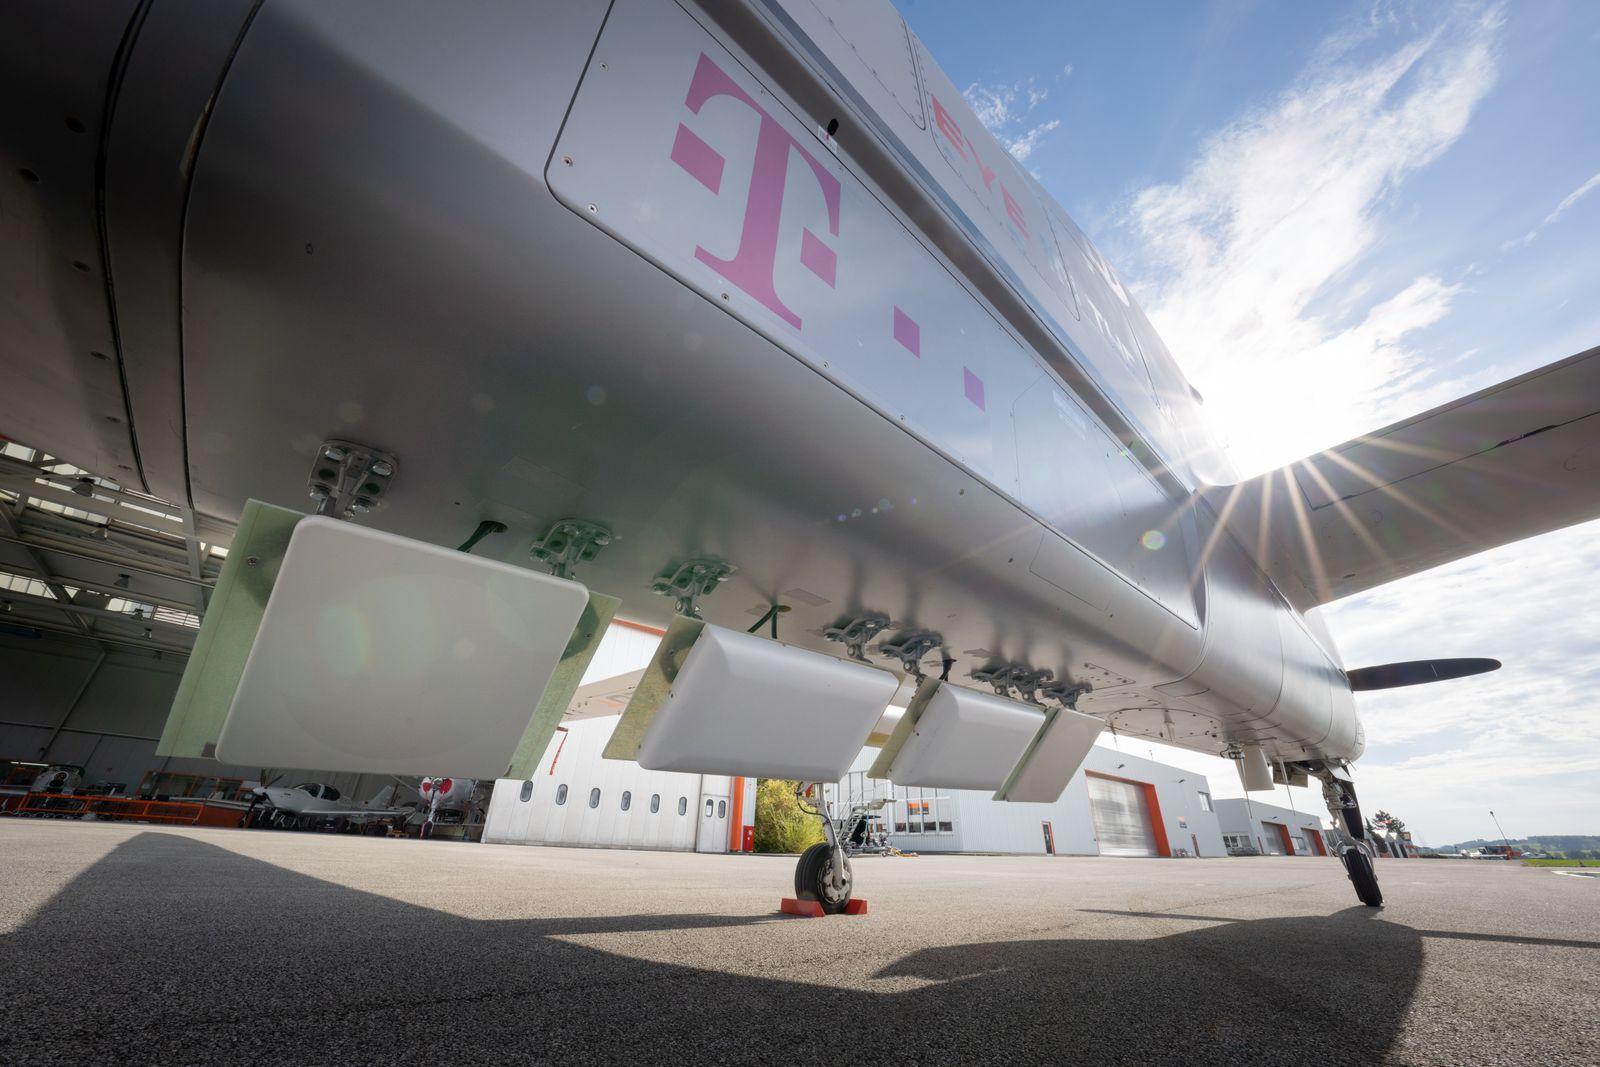 Deutsche Telekom / Mobilfunk aus der Stratosphäre